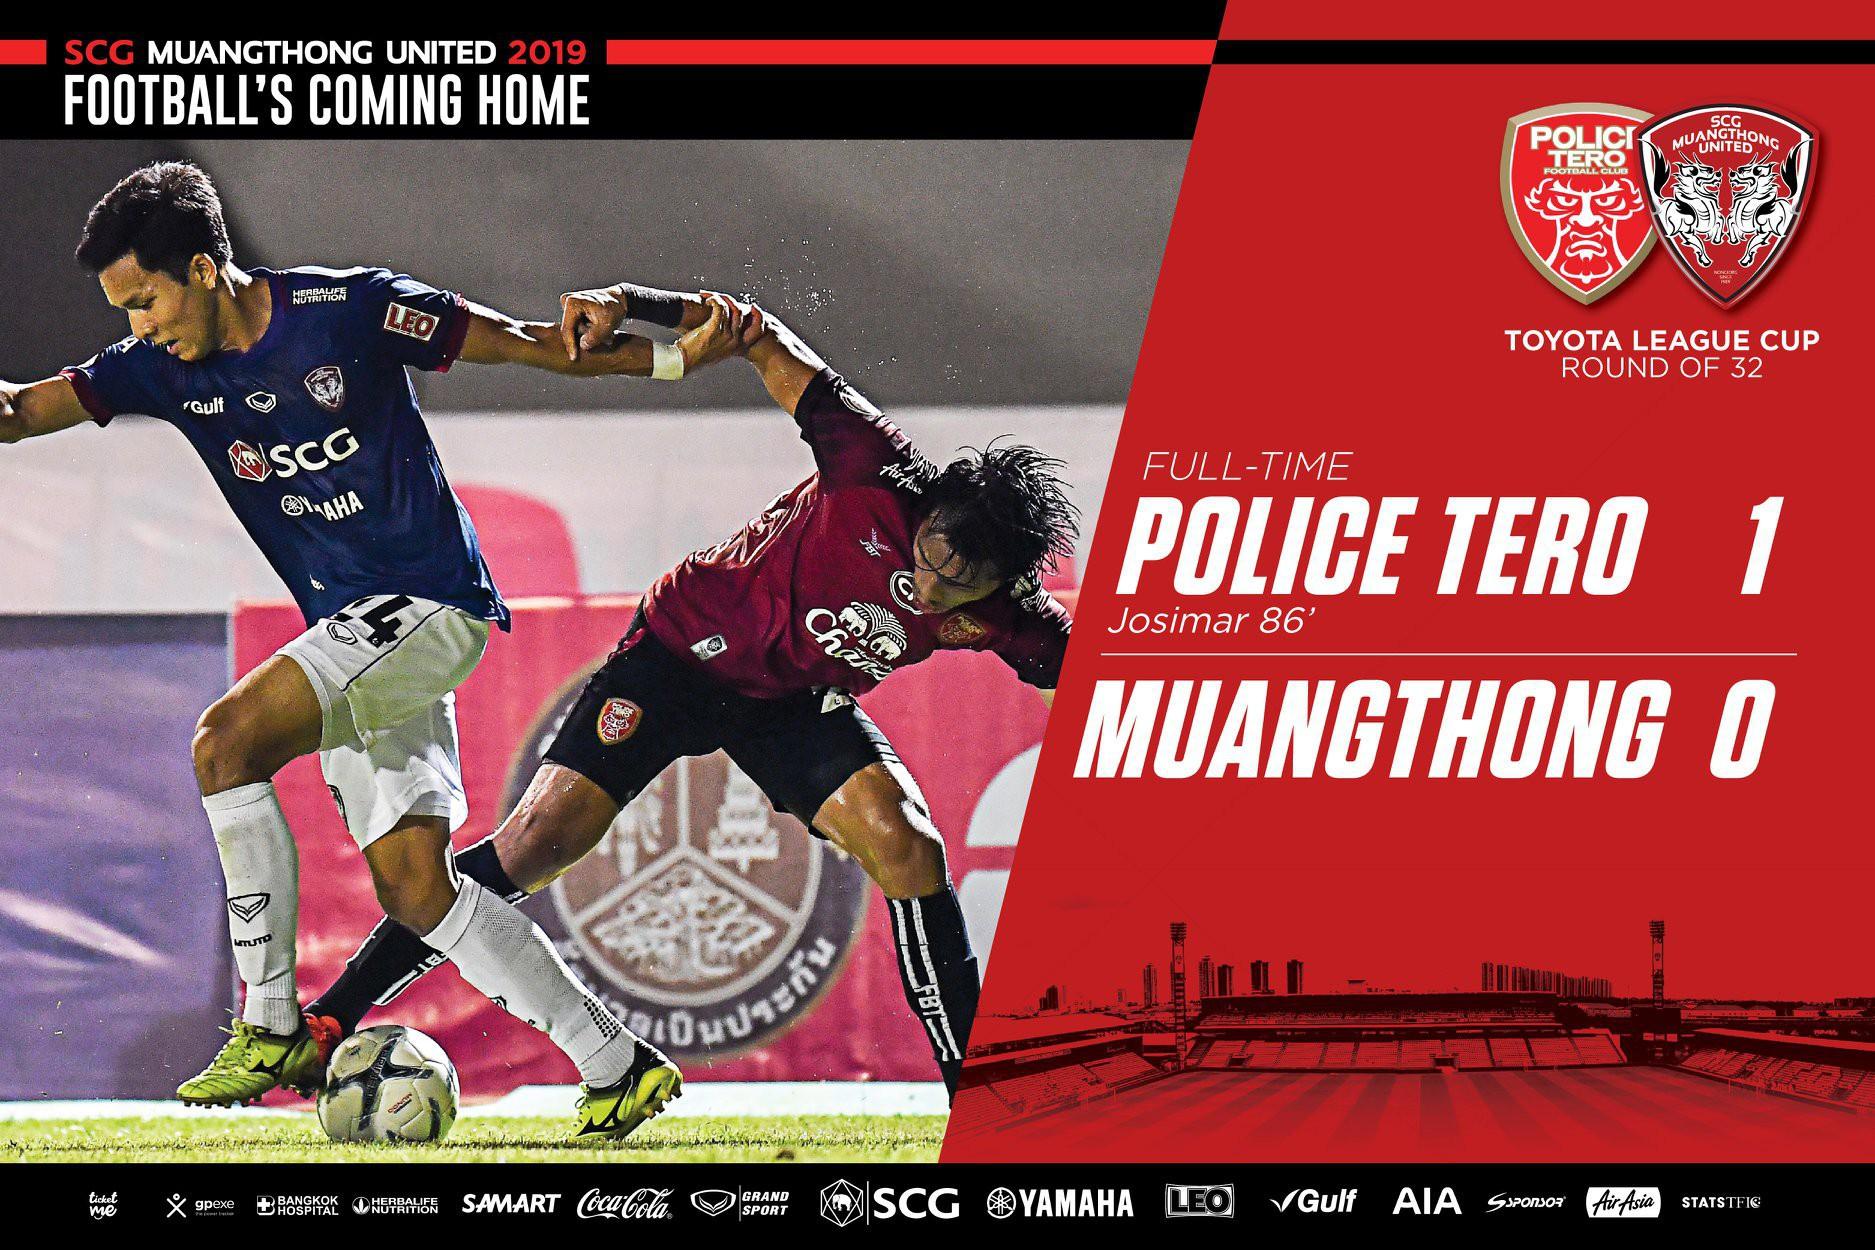 Muangthong United thất bại trước CLB đang xếp thứ 6 tại Thai League 2 - Ảnh 1.